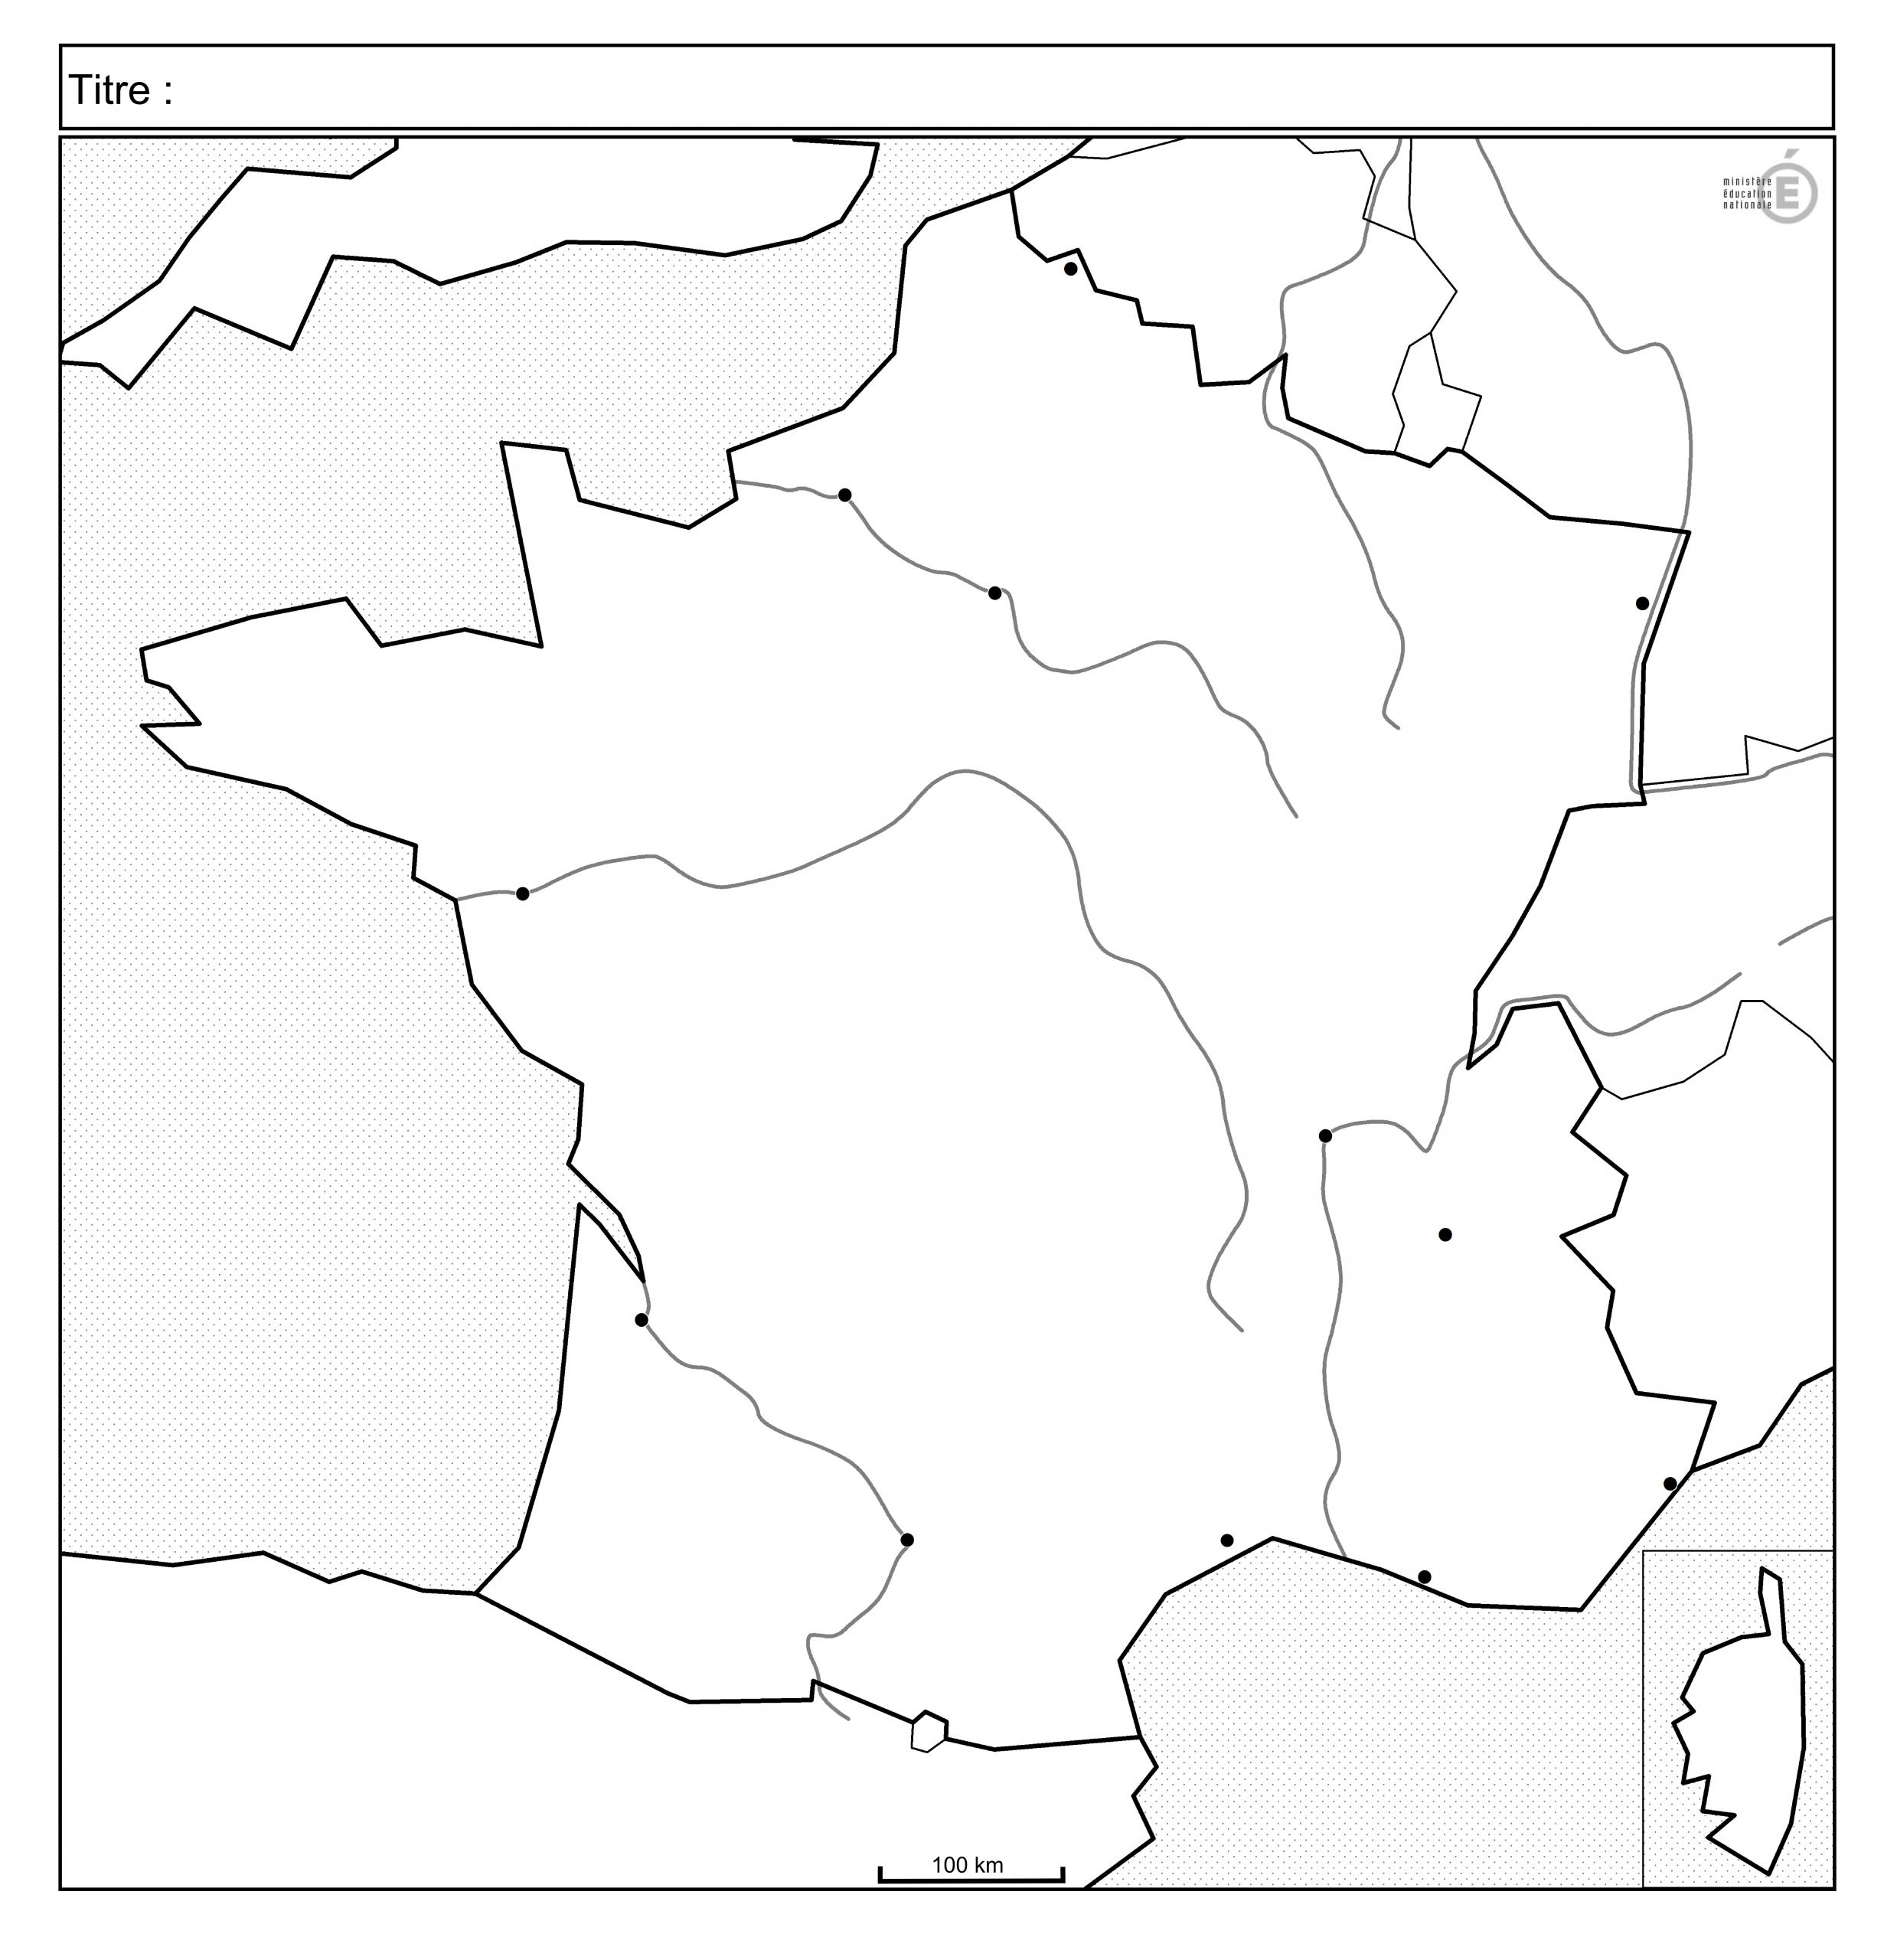 Fonds De Carte - Histoire-Géographie - Éduscol dedans Carte De France Avec Les Fleuves